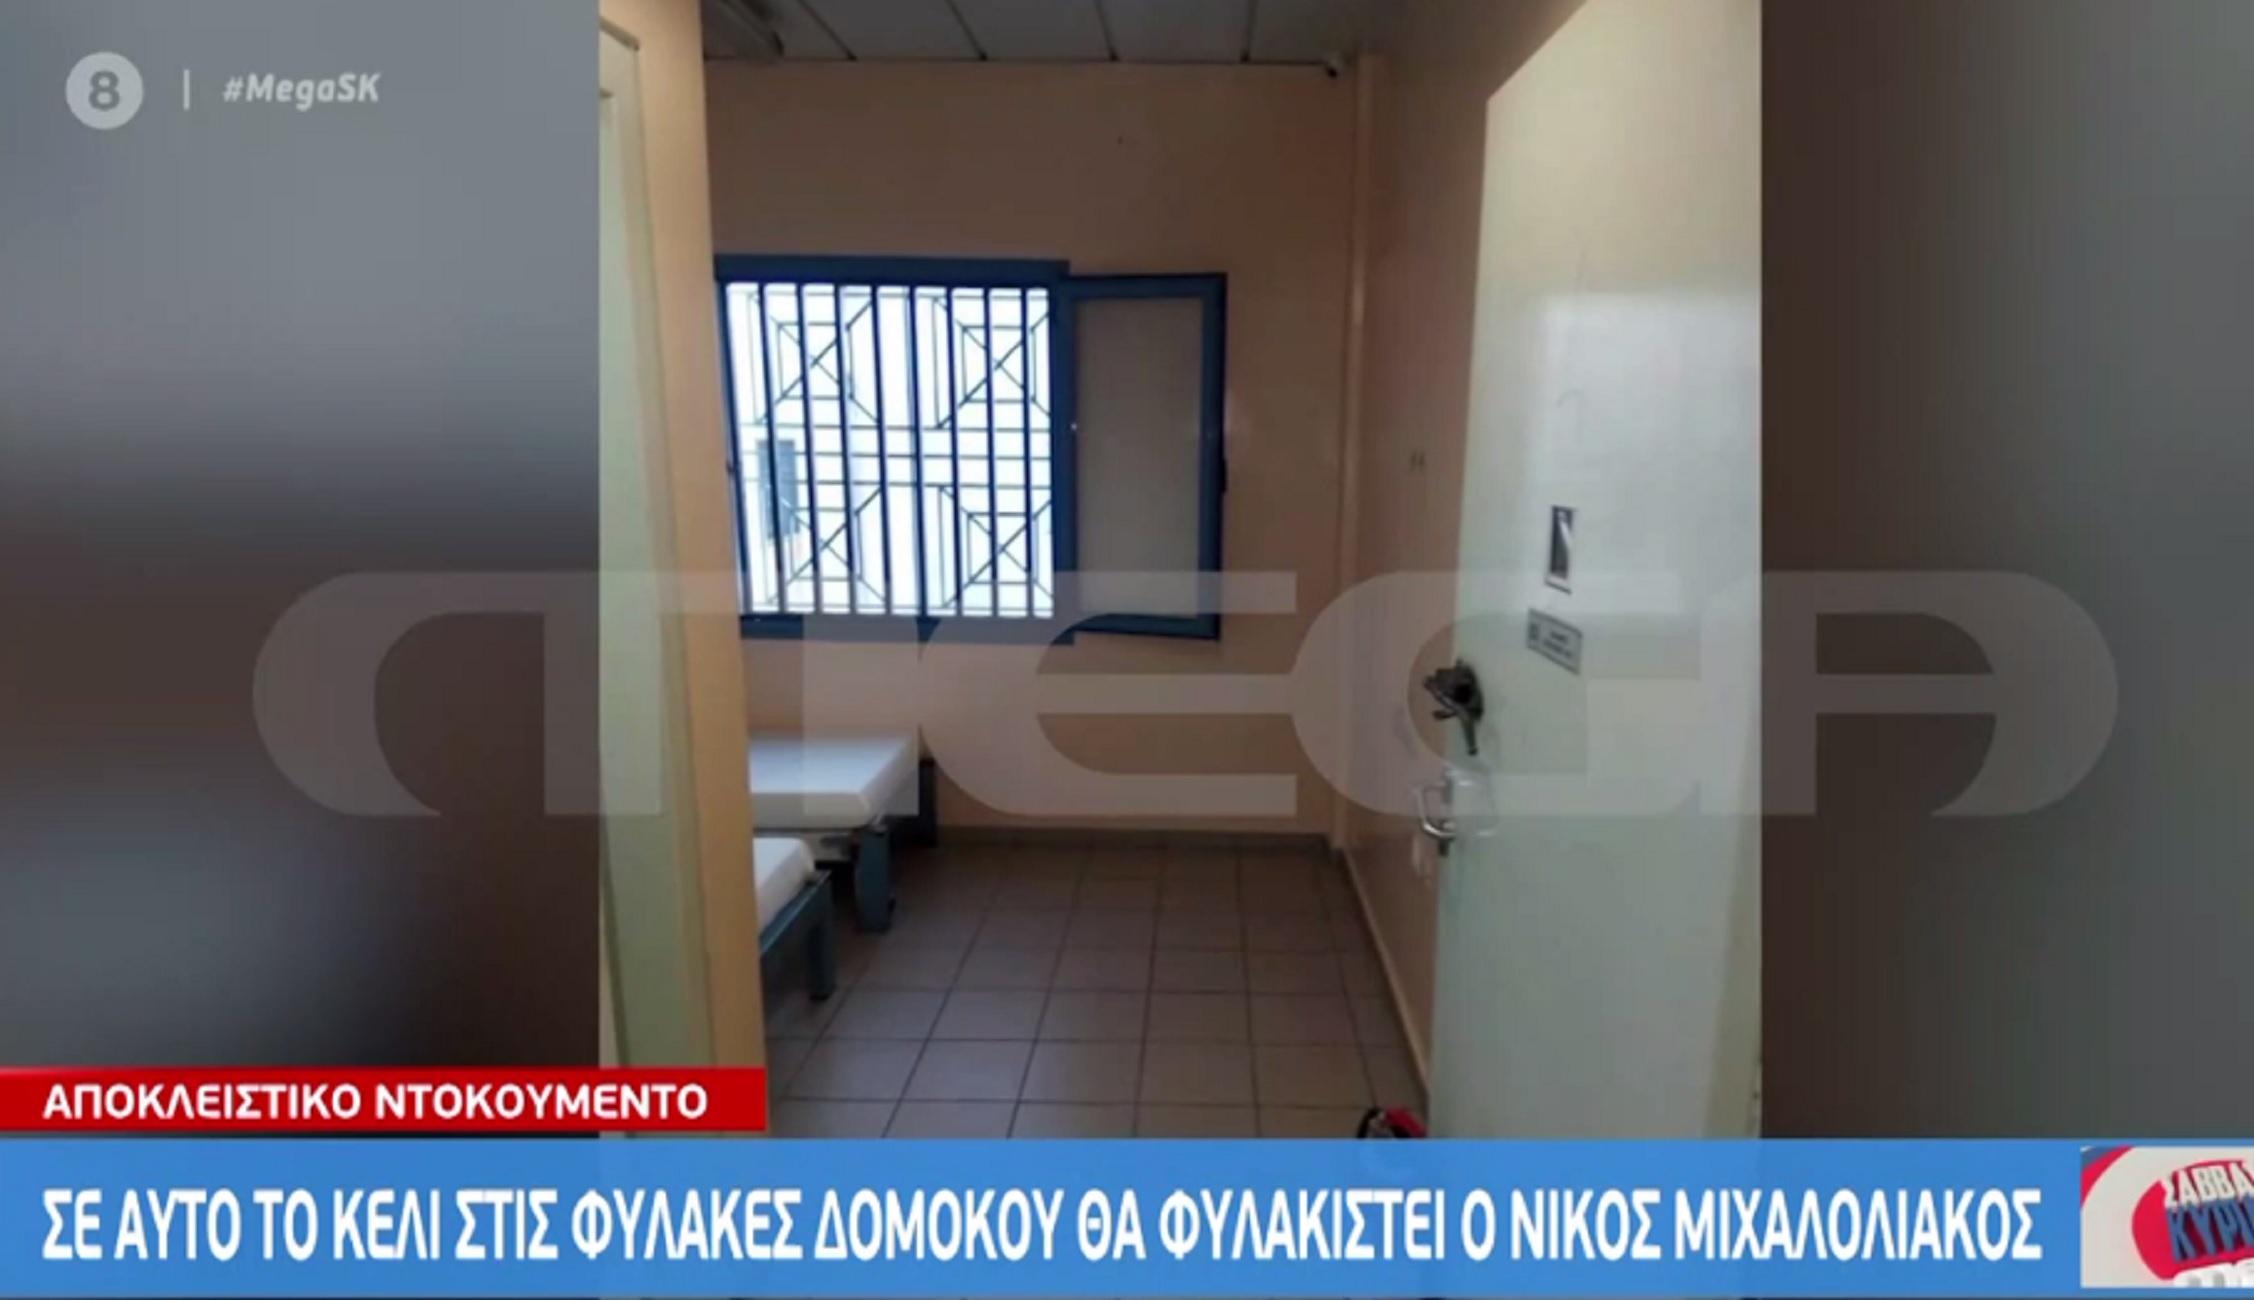 Χρυσή Αυγή: Αυτό είναι το κελί του Νίκου Μιχαλολιάκου (video)